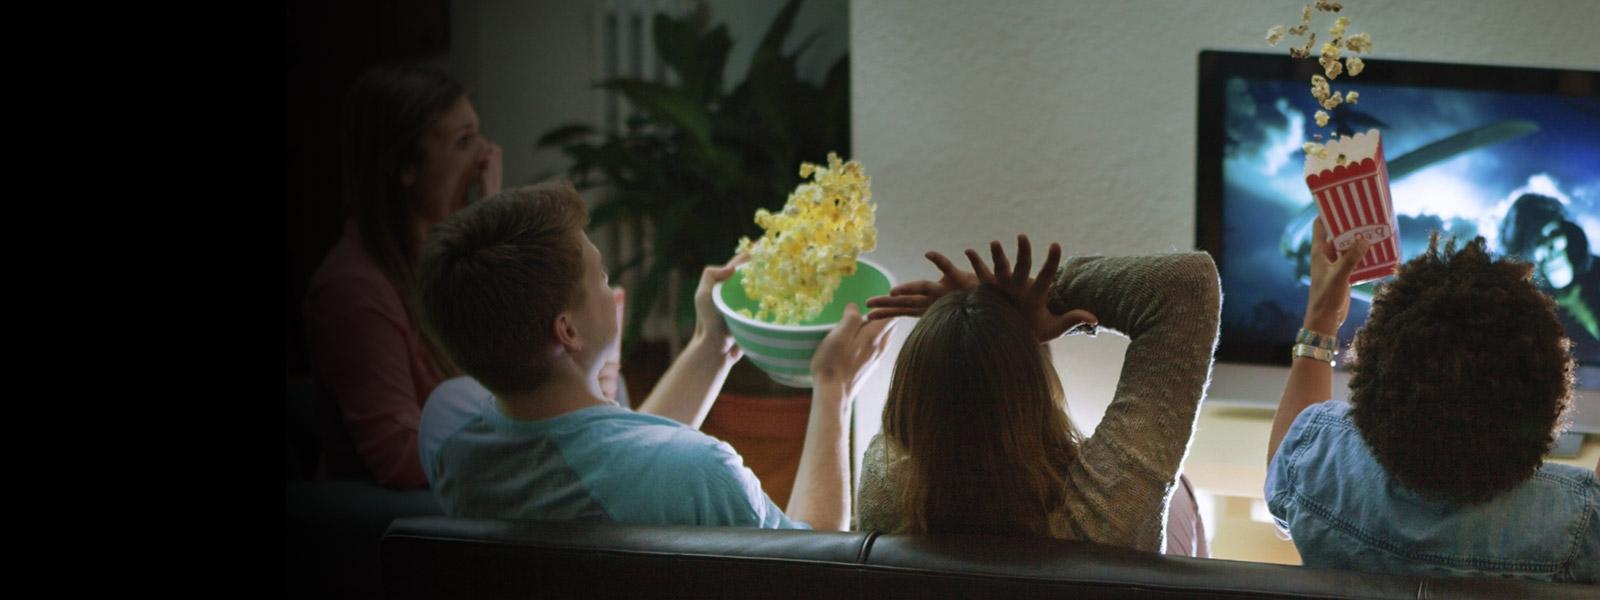 Gens assis sur un canapé qui regardent un film